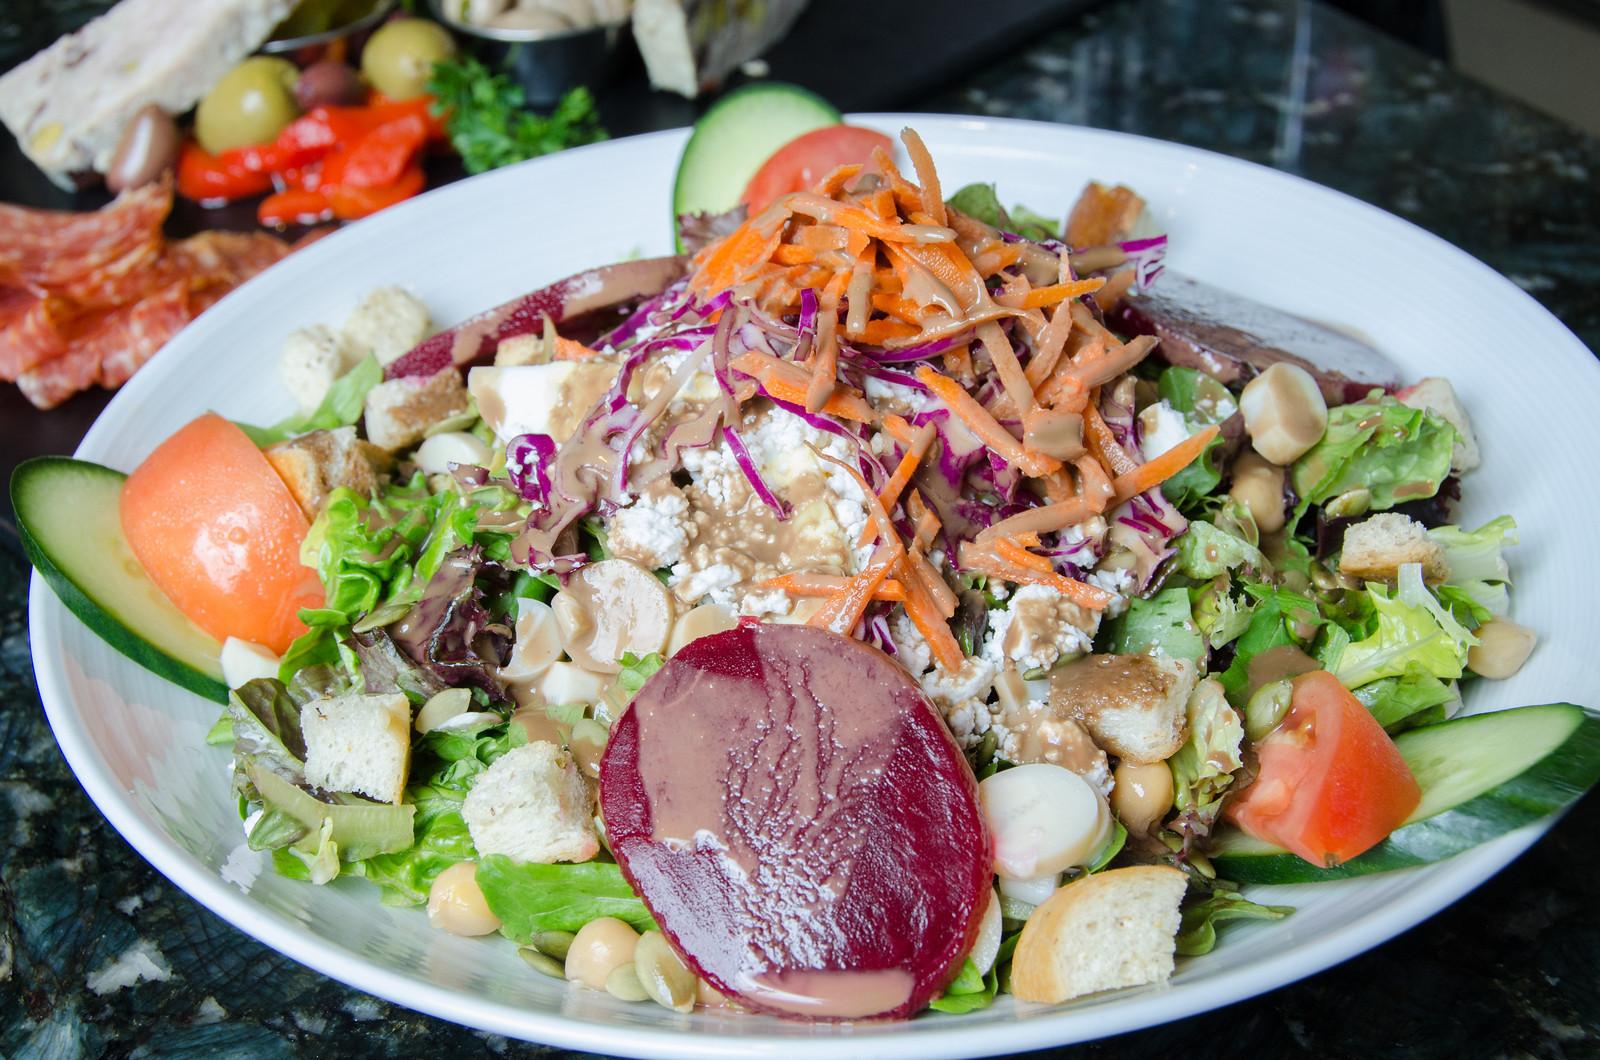 The MET Mixed Salad